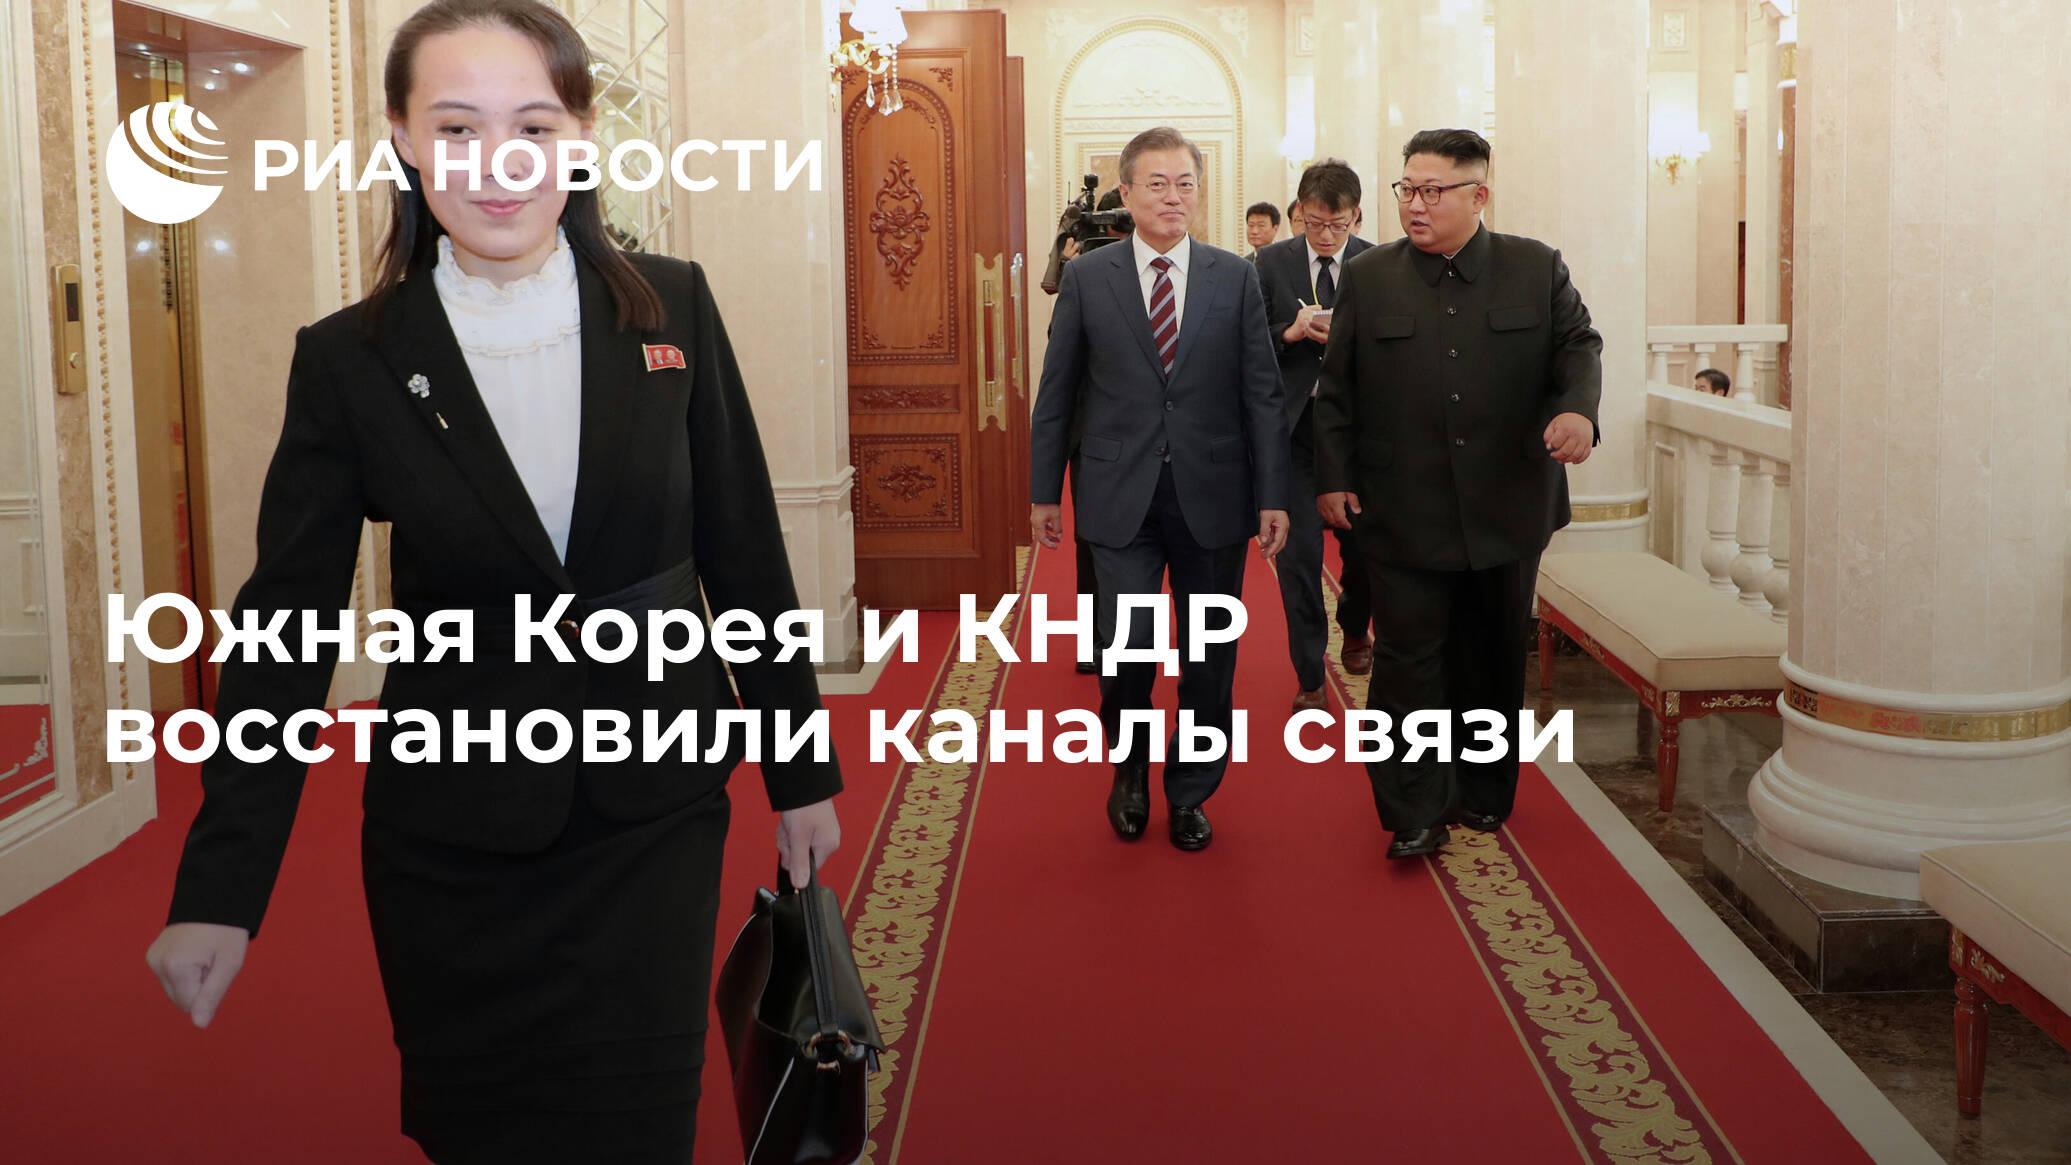 Южная Корея и КНДР восстановили каналы связи